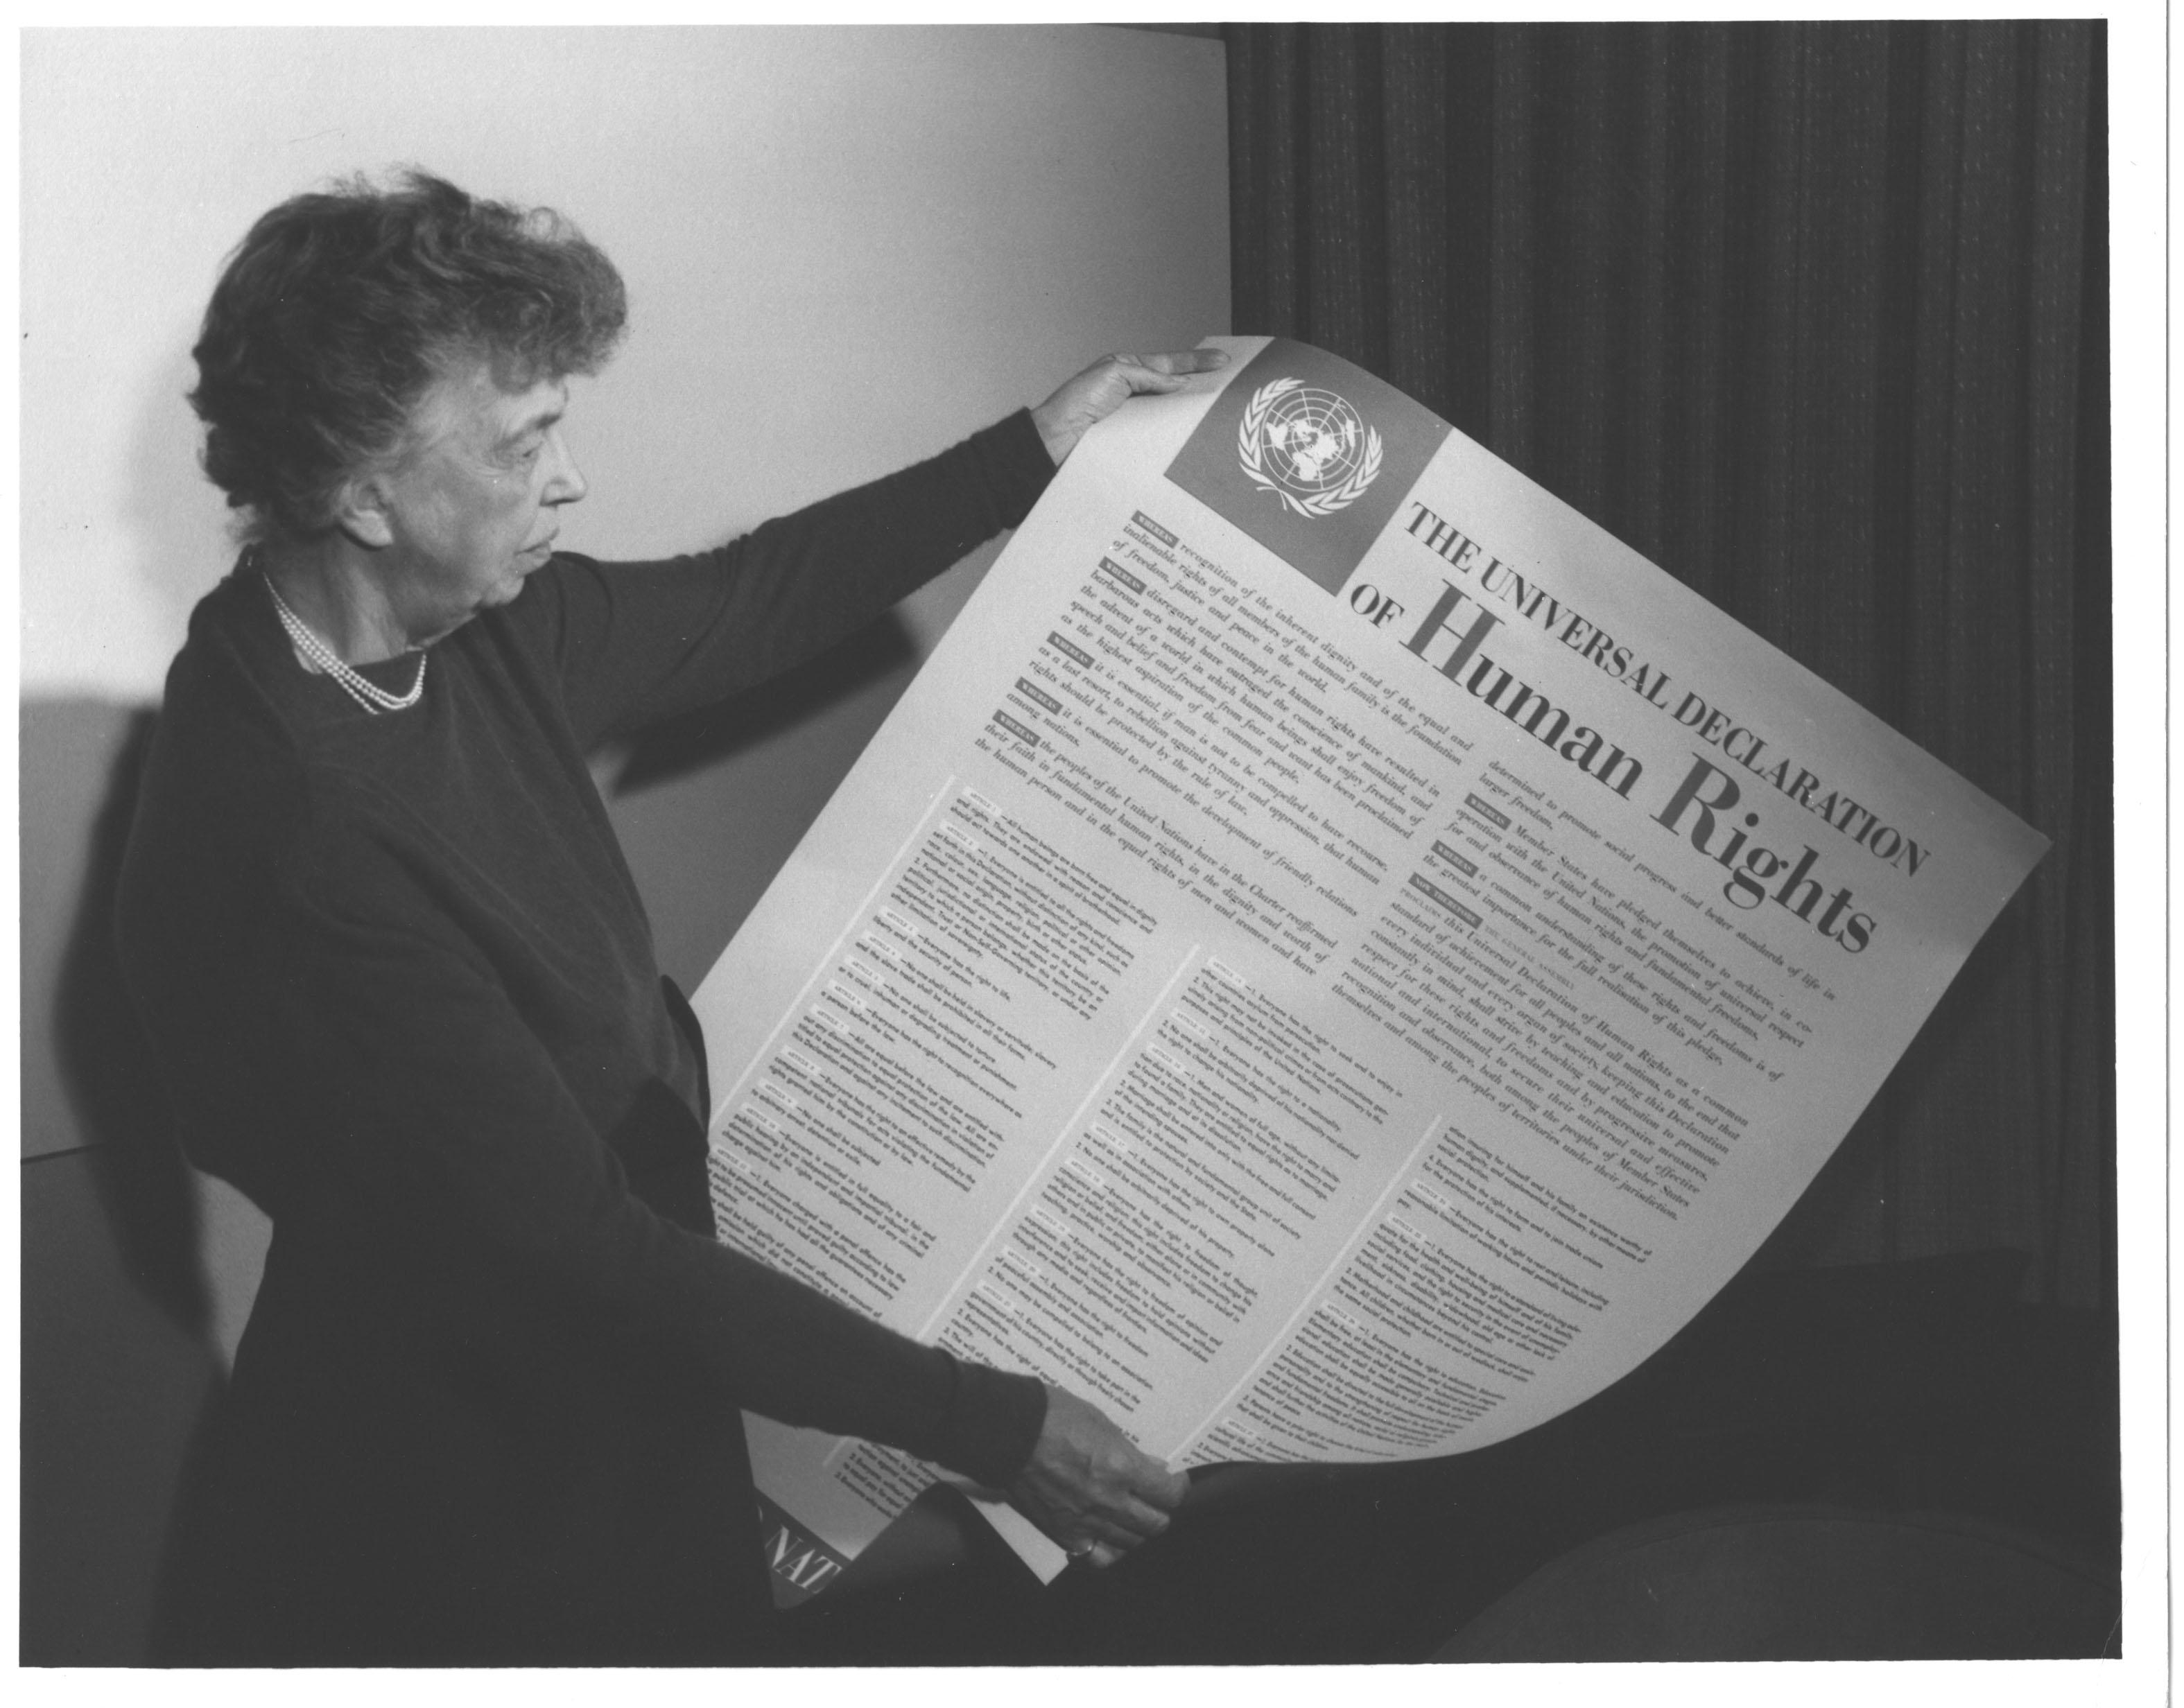 Eleanor Roosevelt et la Déclaration universelle des droits de l'homme (photo 1949)